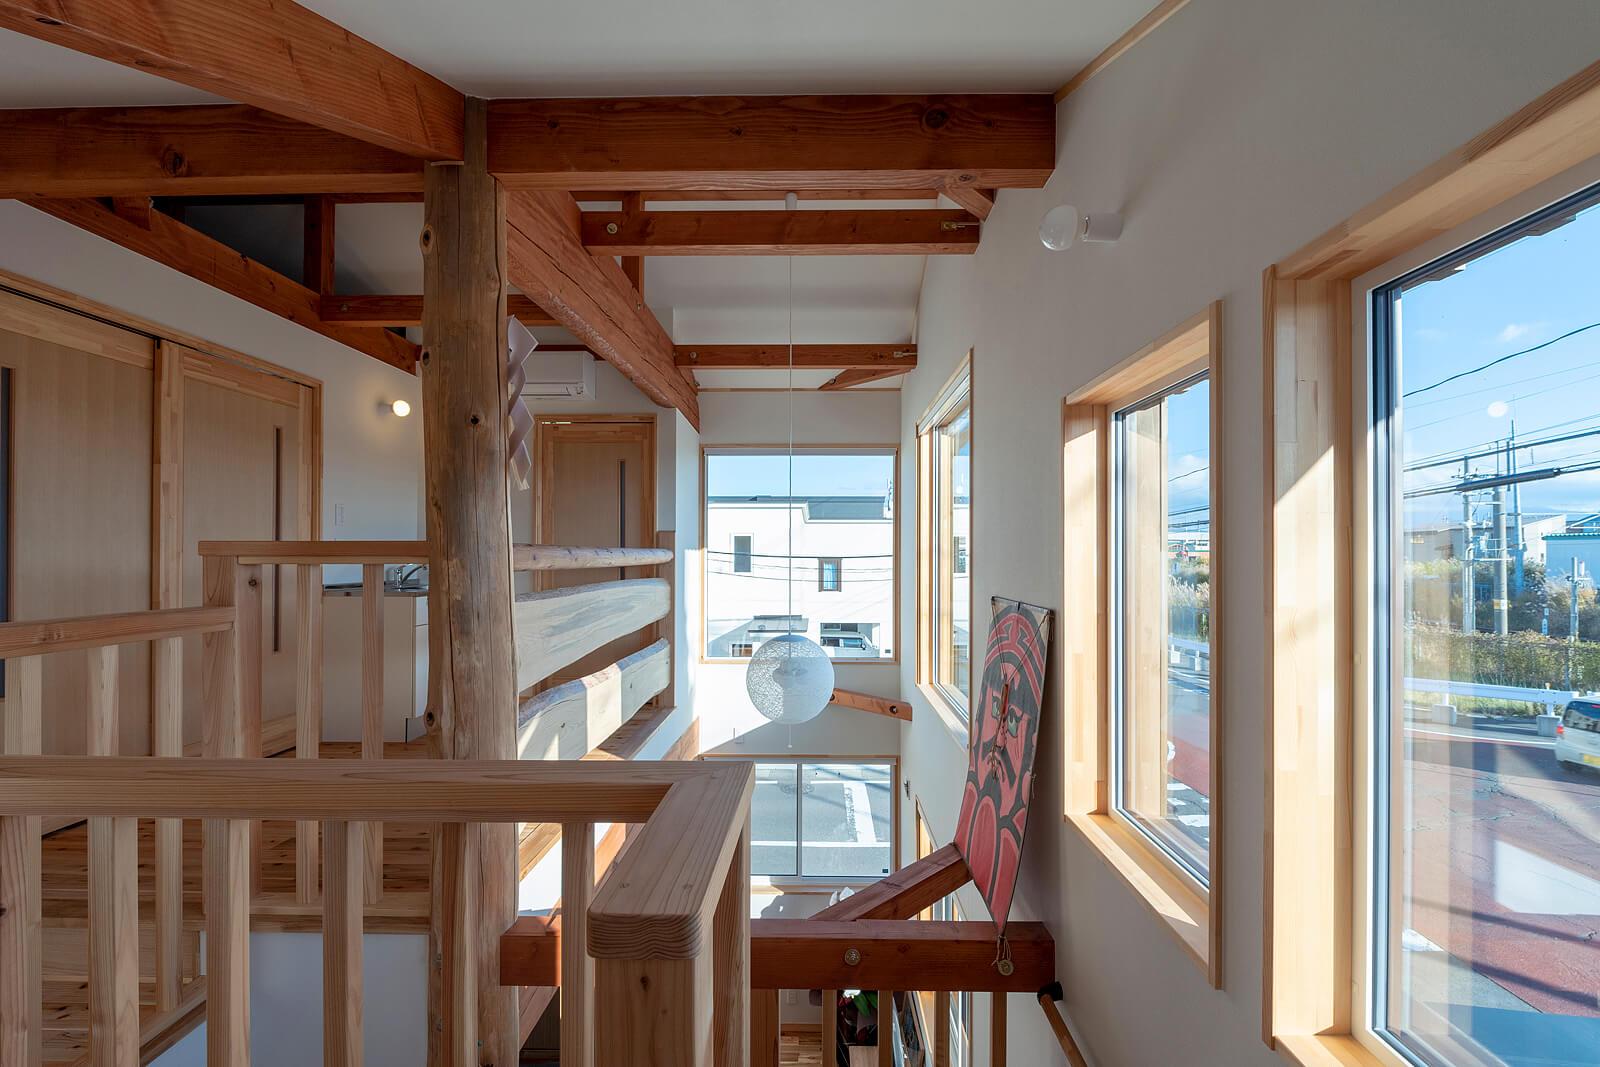 2階にも南と東に開口部を設置。明るさはもちろん八甲田連峰も望める眺望のよさが自慢